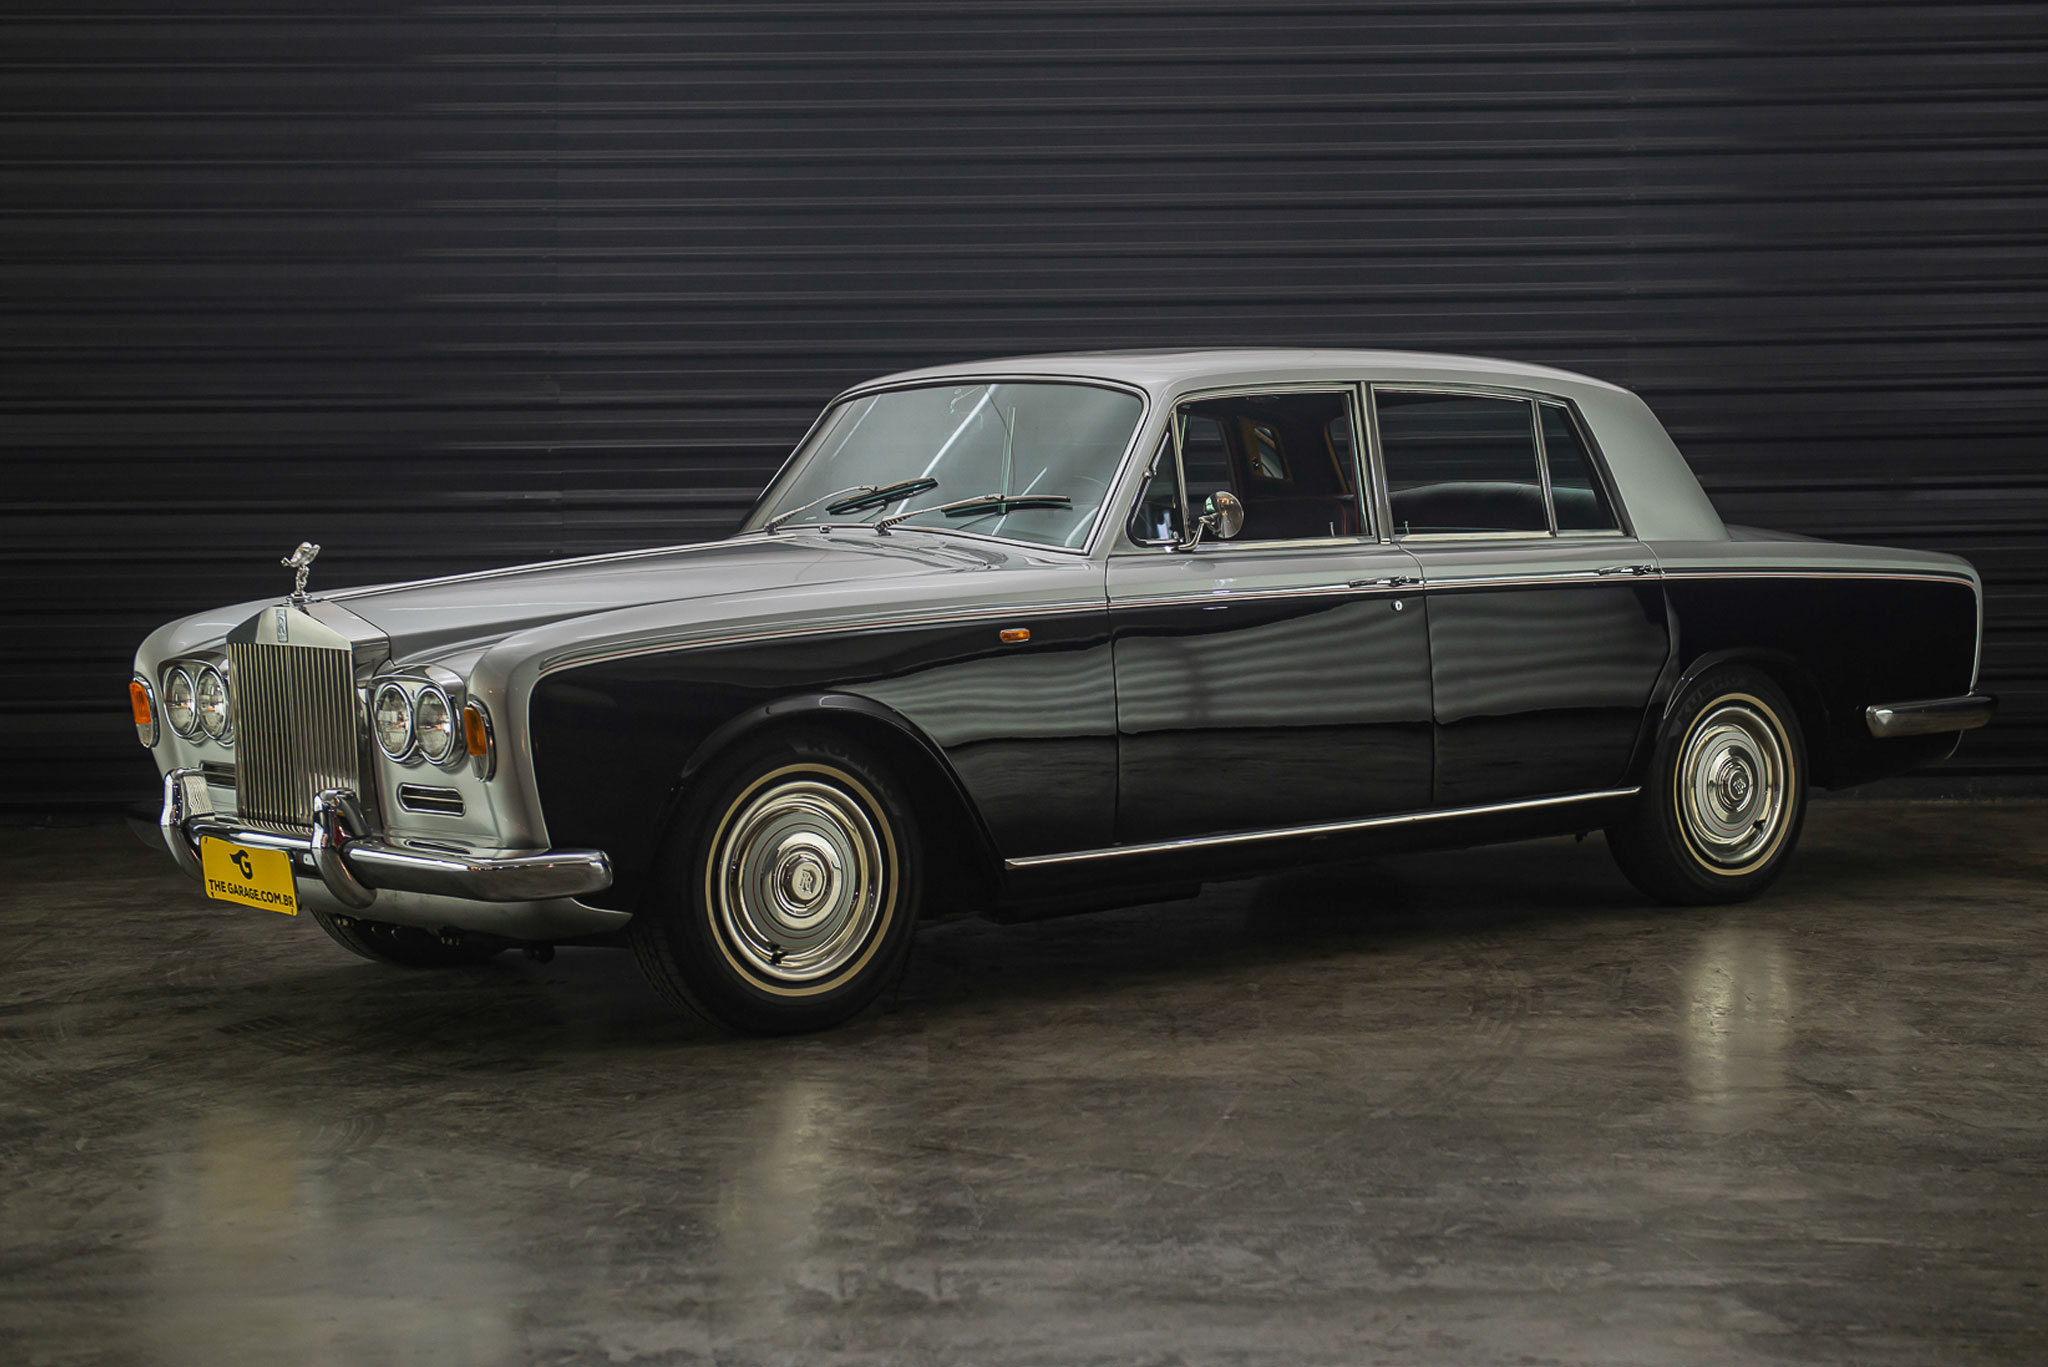 1967-Rolls-Royce-Silver-Shadow-a-venda-sao-paulo-sp-for-sale-the-garage-classicos-a-melhor-loja-de-carros-antigos-acervo-de-carros-